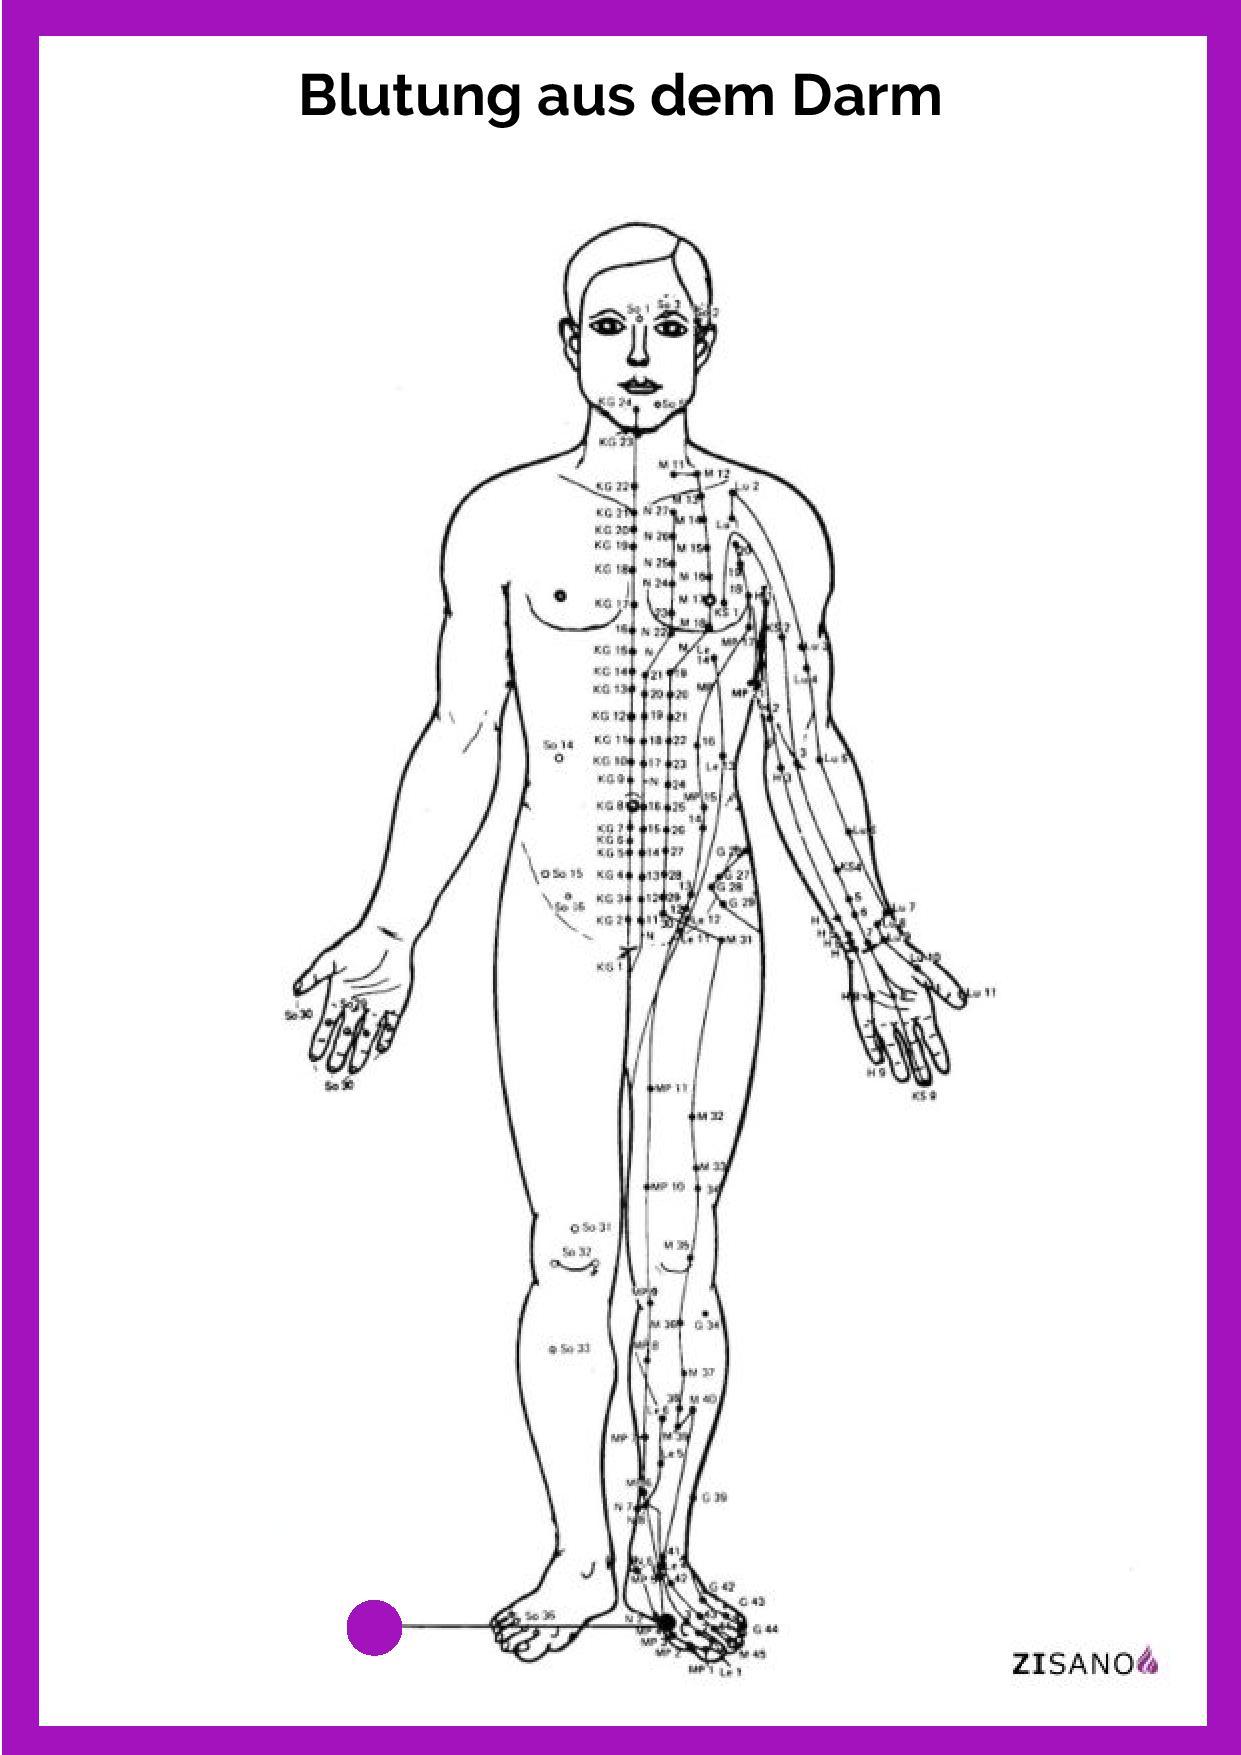 Meridiane - Blutung aus dem Darm - Behandlung